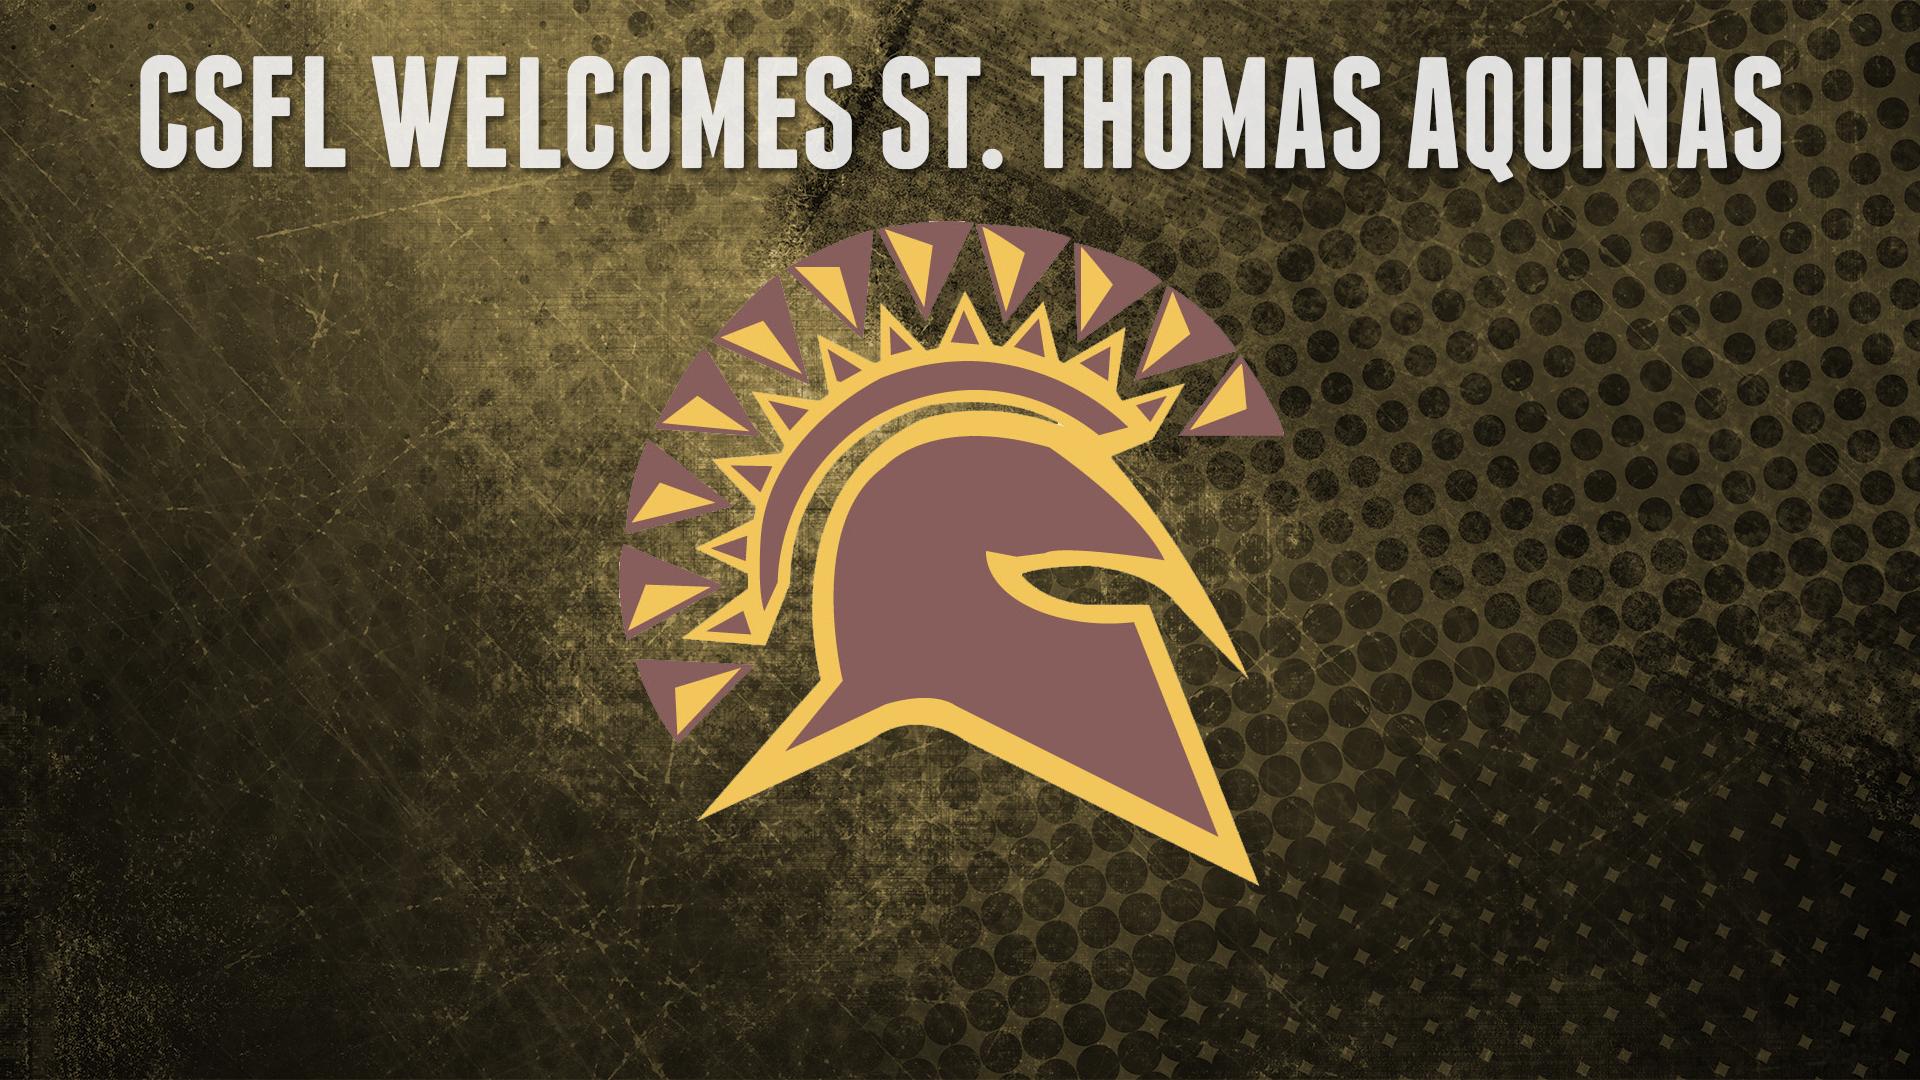 St Thomas Aquinas Joins Csfl Csfl